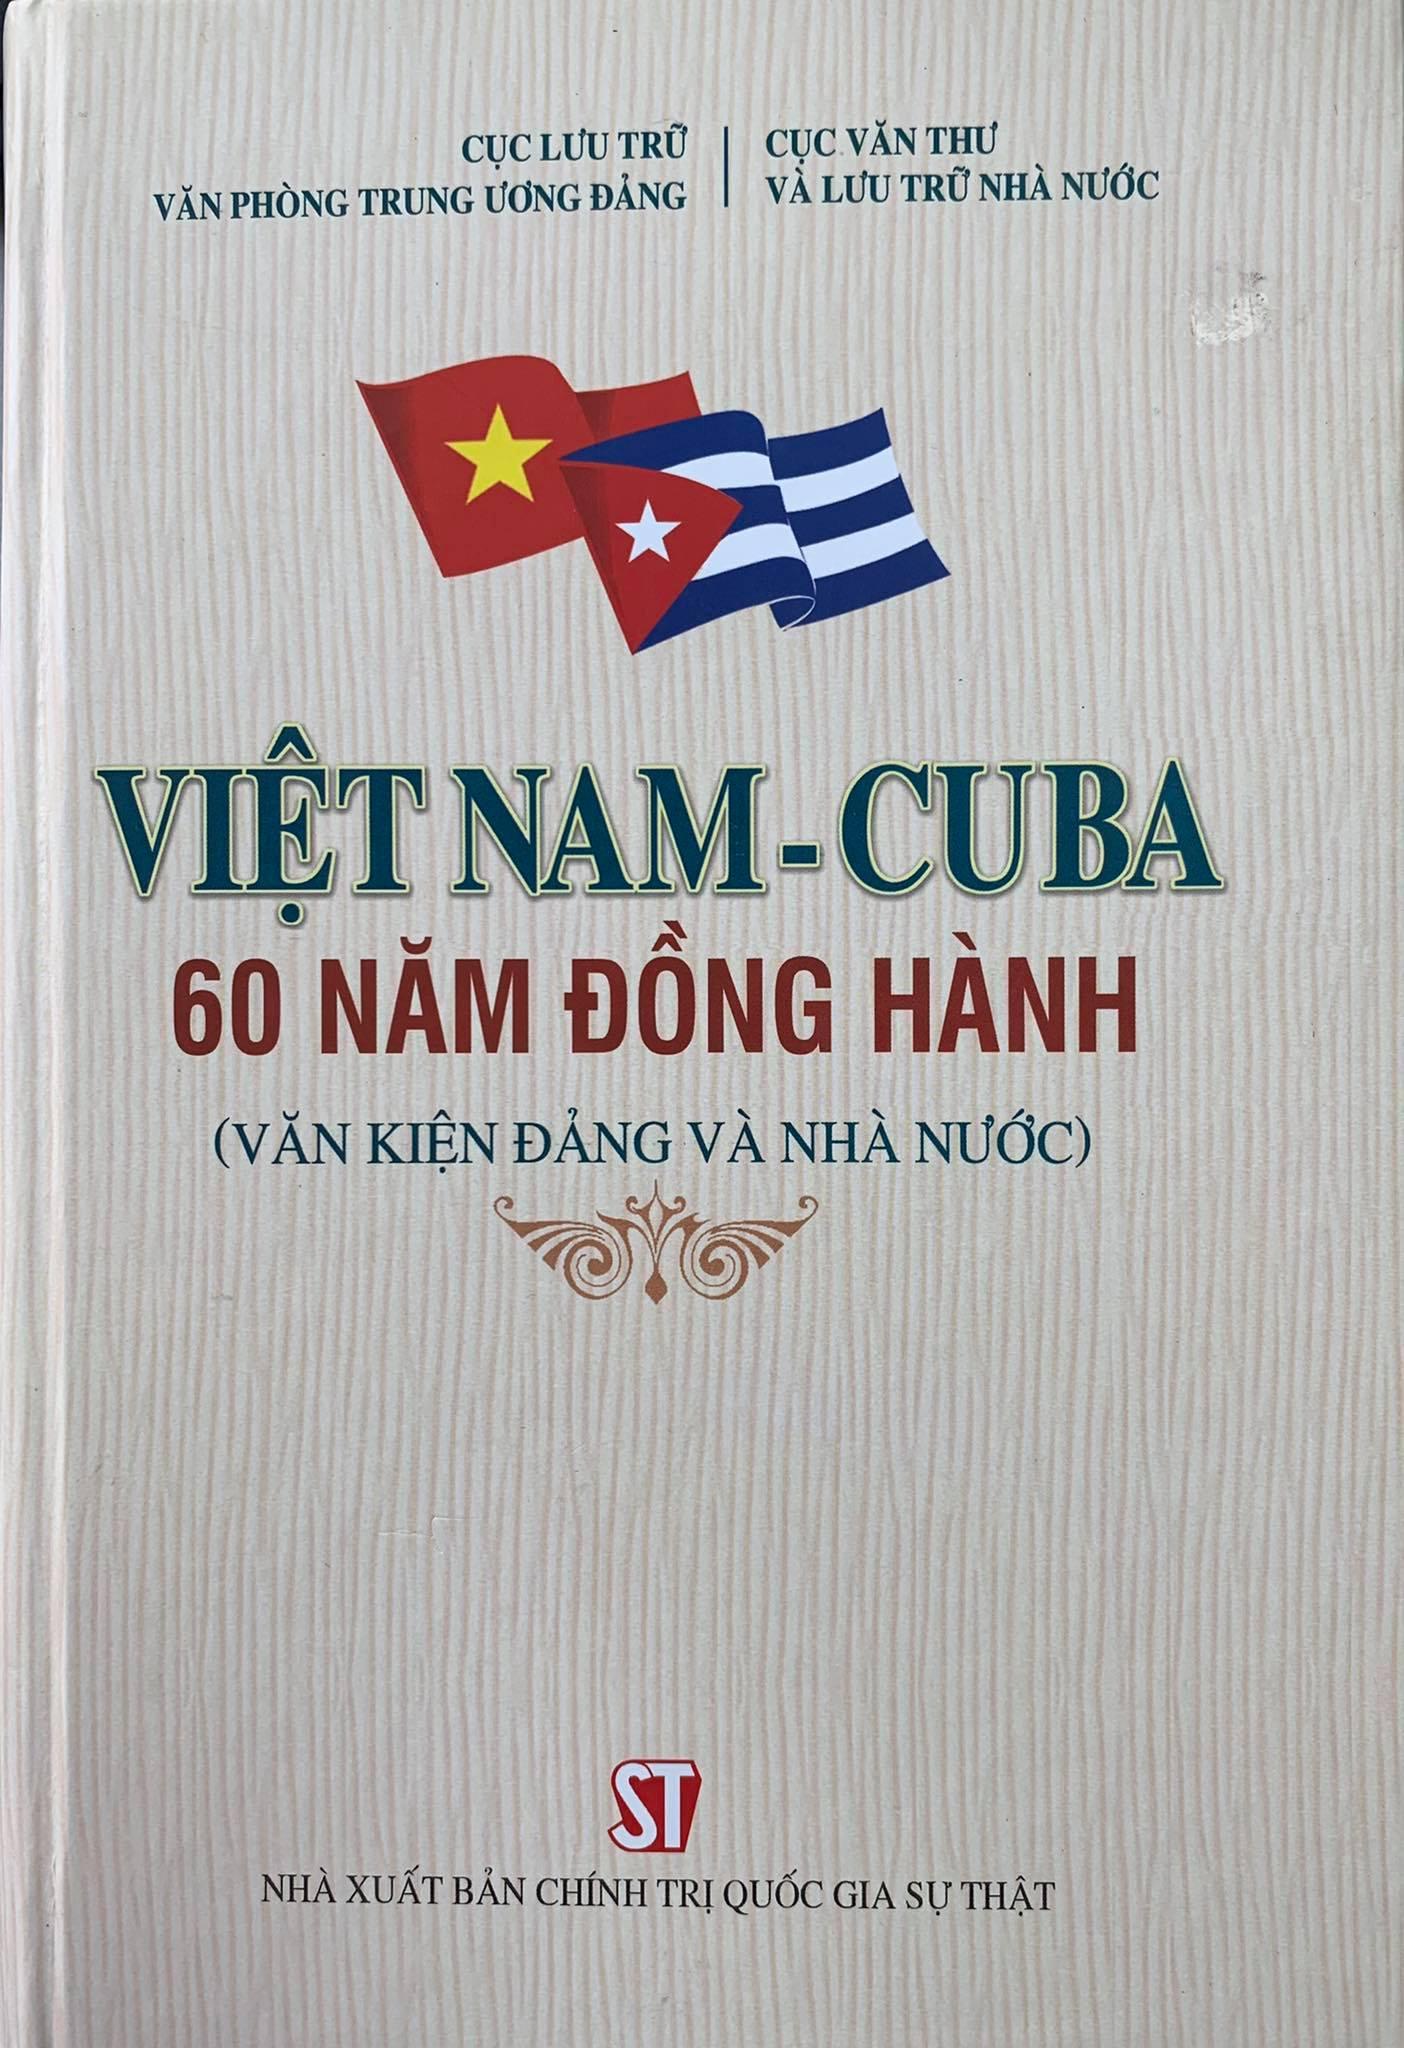 Việt Nam - Cu ba 60 năm đồng hành (Văn kiện Đảng và Nhà nước)